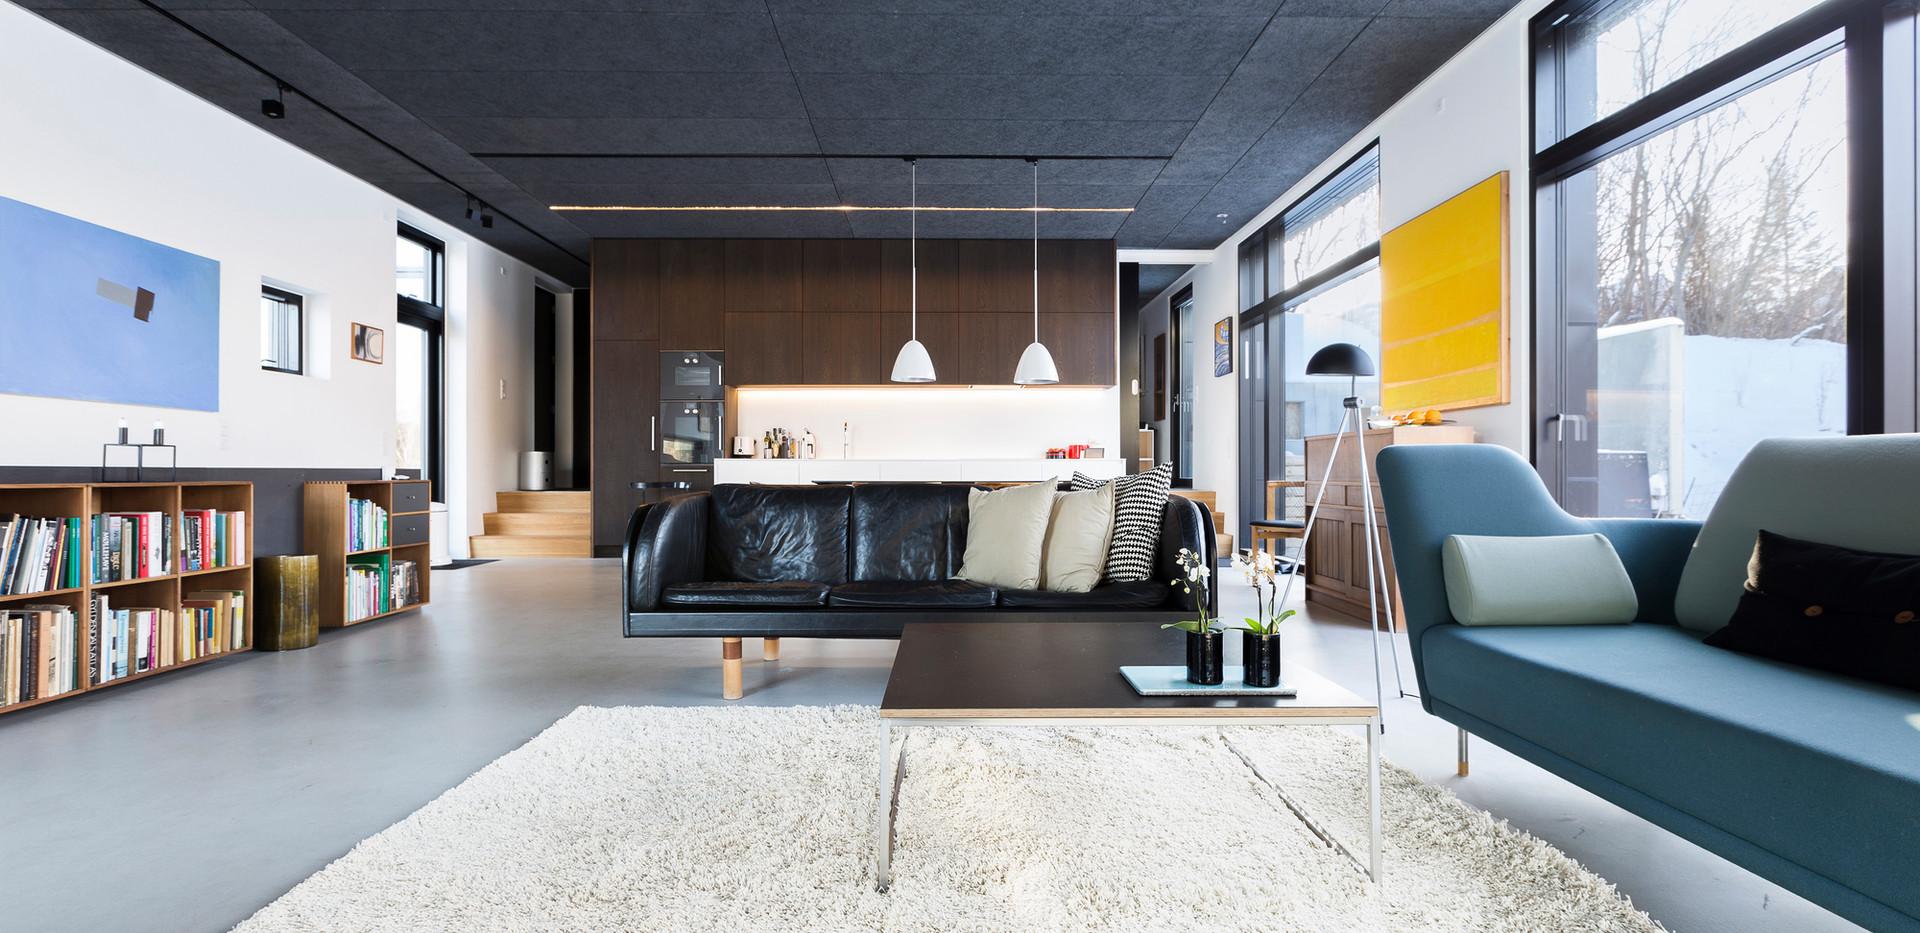 TROLDTEKT – hårdfør akustikløsning til loft og væg